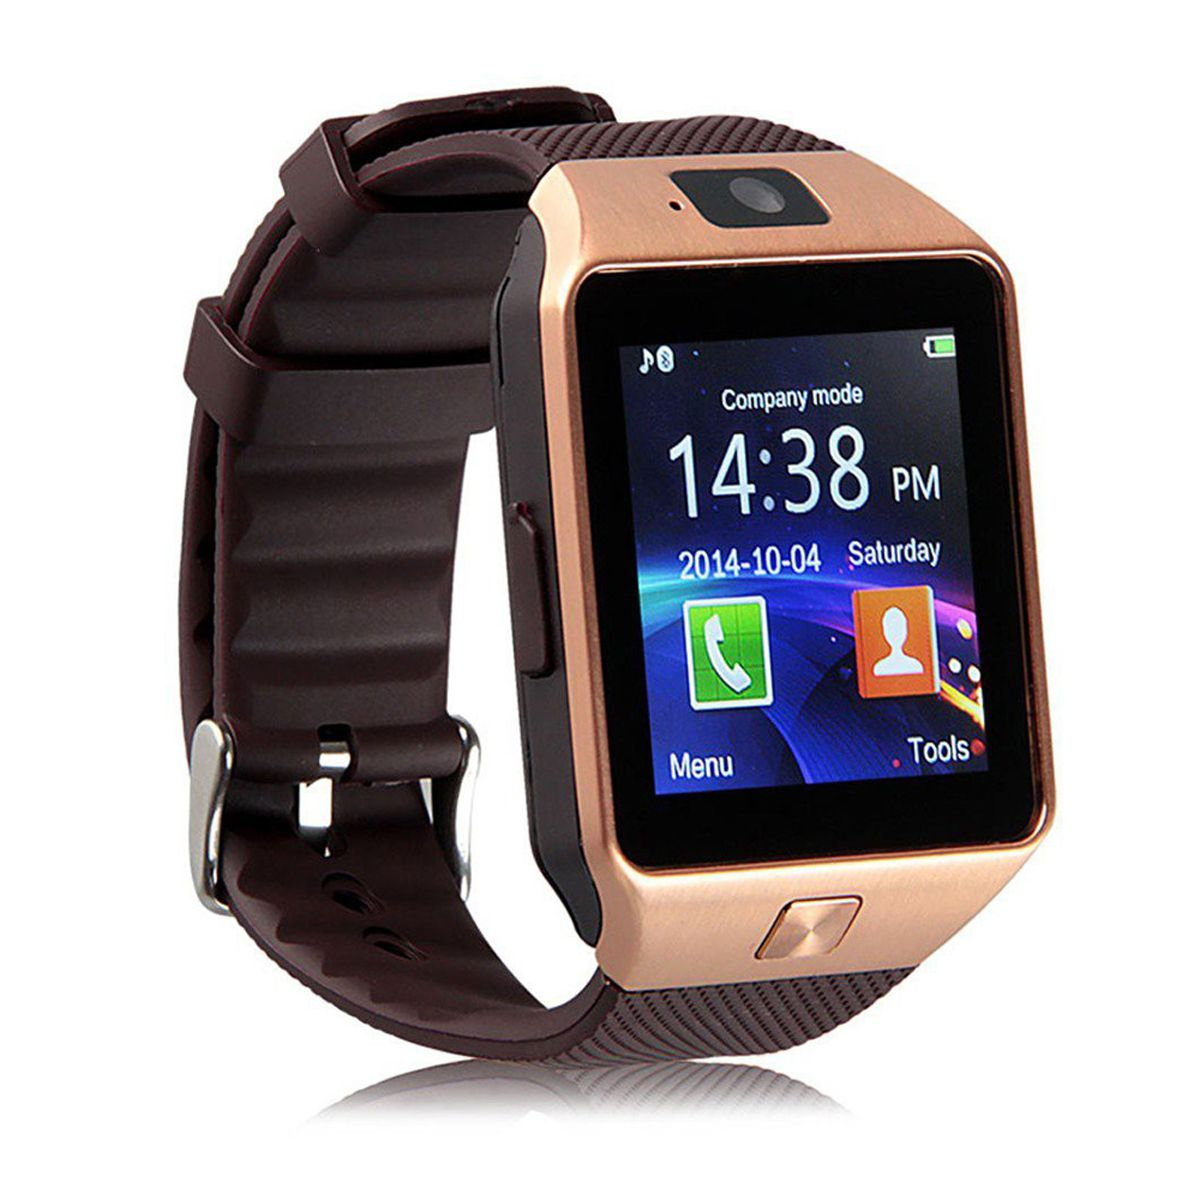 Bastex Smartwatch Suited LG Optimus L1 II TRI Dz09 Golden Smart Watches